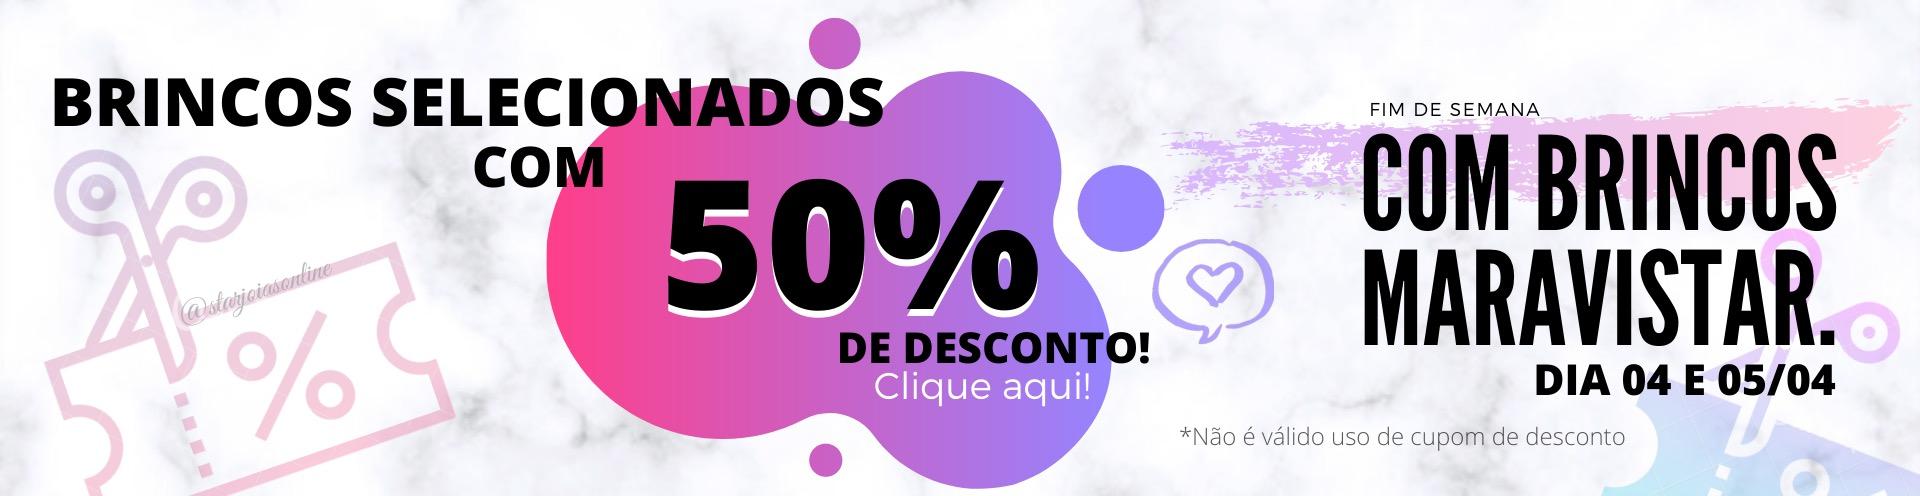 BRINCOS50%OFF